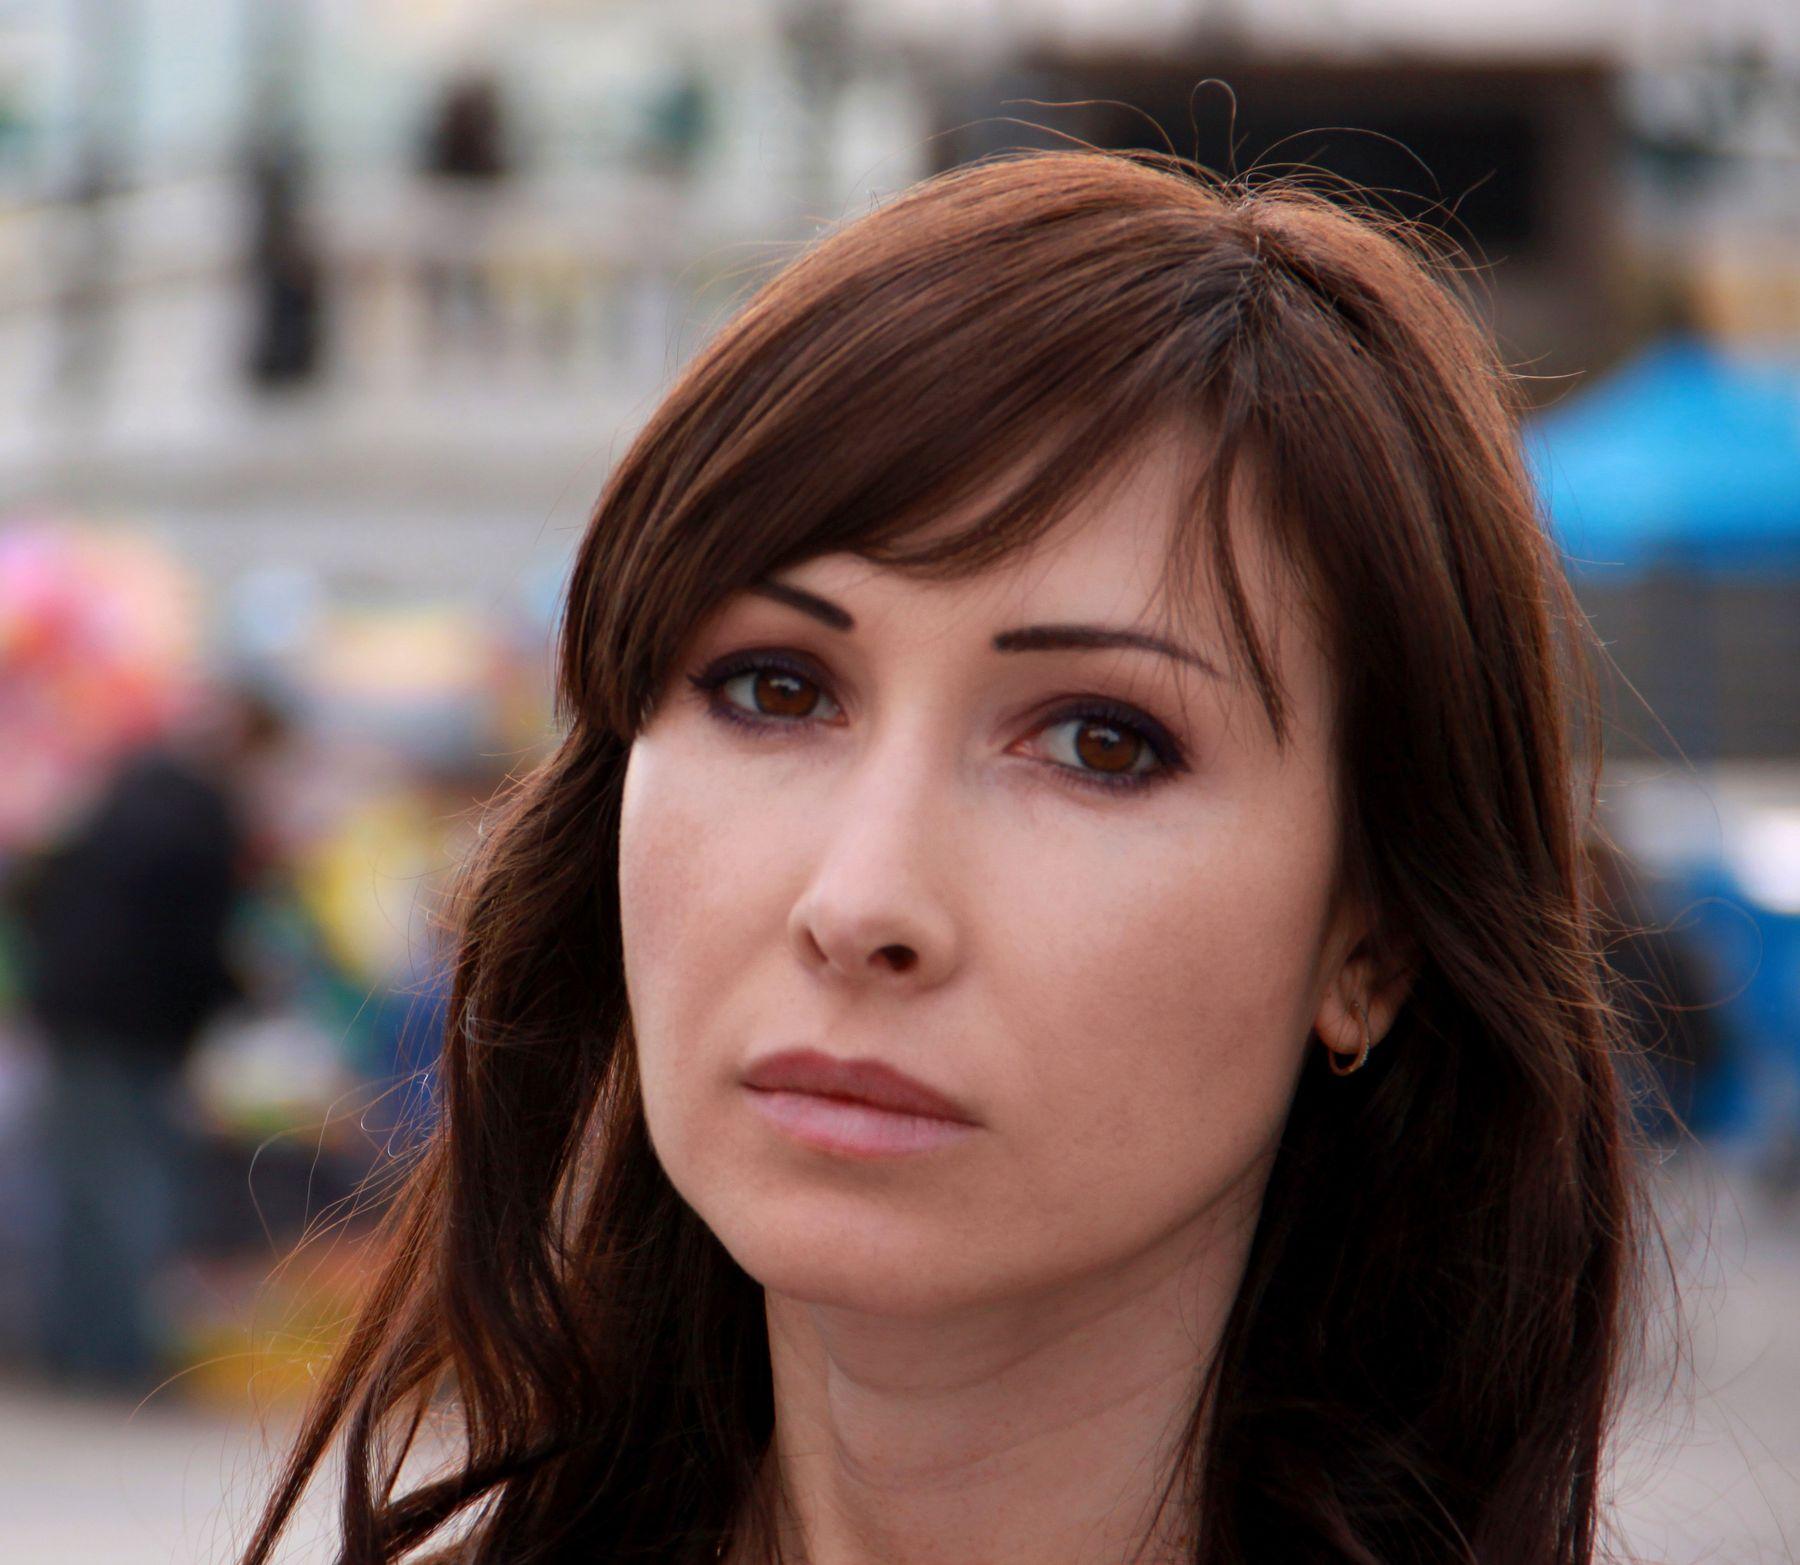 Прохожая люди лица портрет уличный стрит репортаж женщины